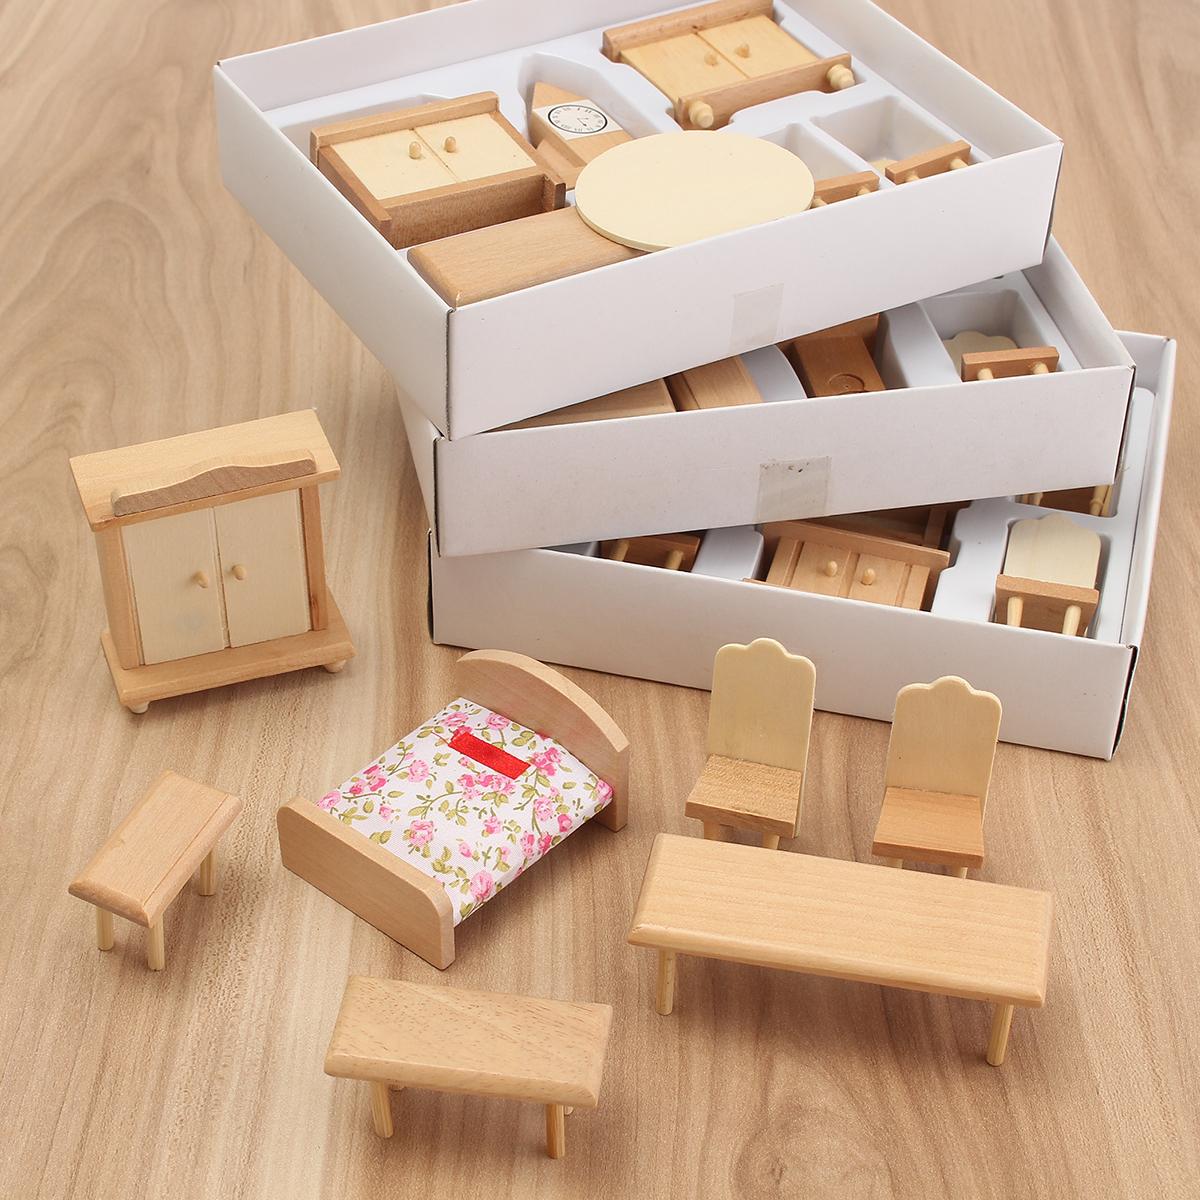 tempsa miniture kit de meuble accessoire maison de poup e achat vente maison poup e cdiscount. Black Bedroom Furniture Sets. Home Design Ideas